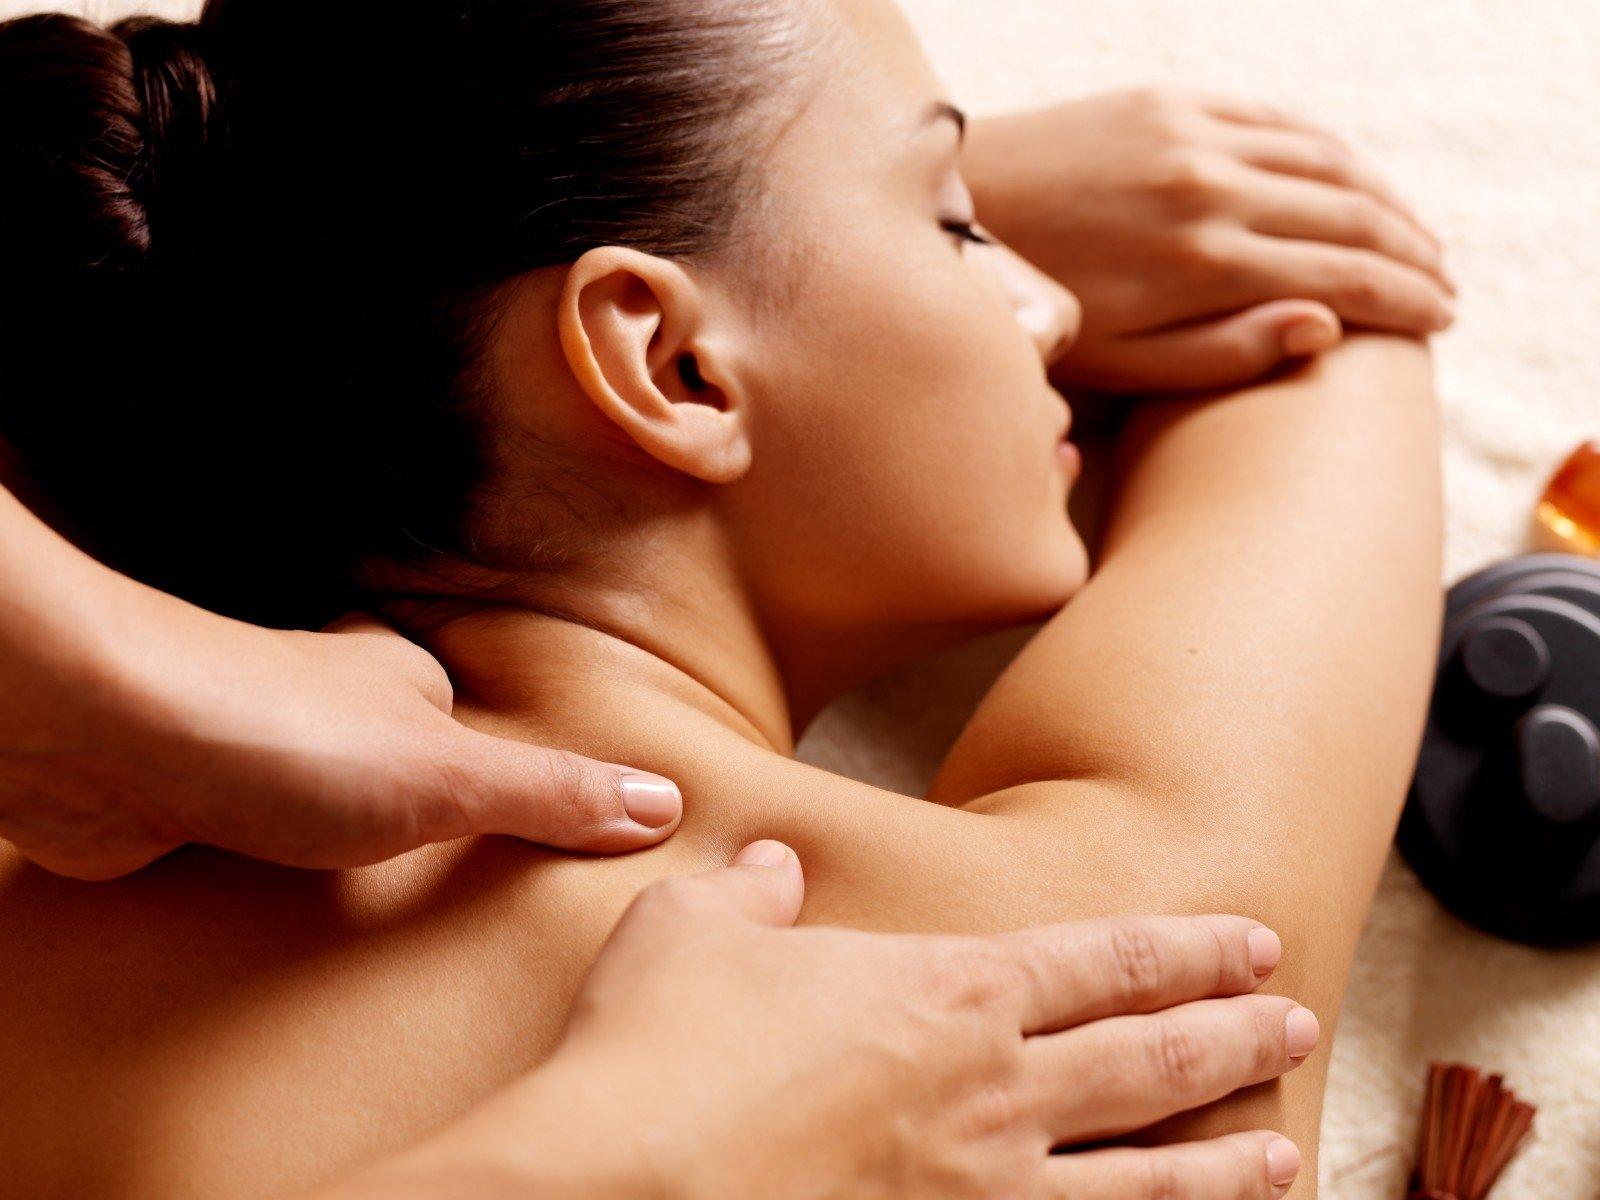 kaip atlikti masažą, kad pagerėtų erekcija